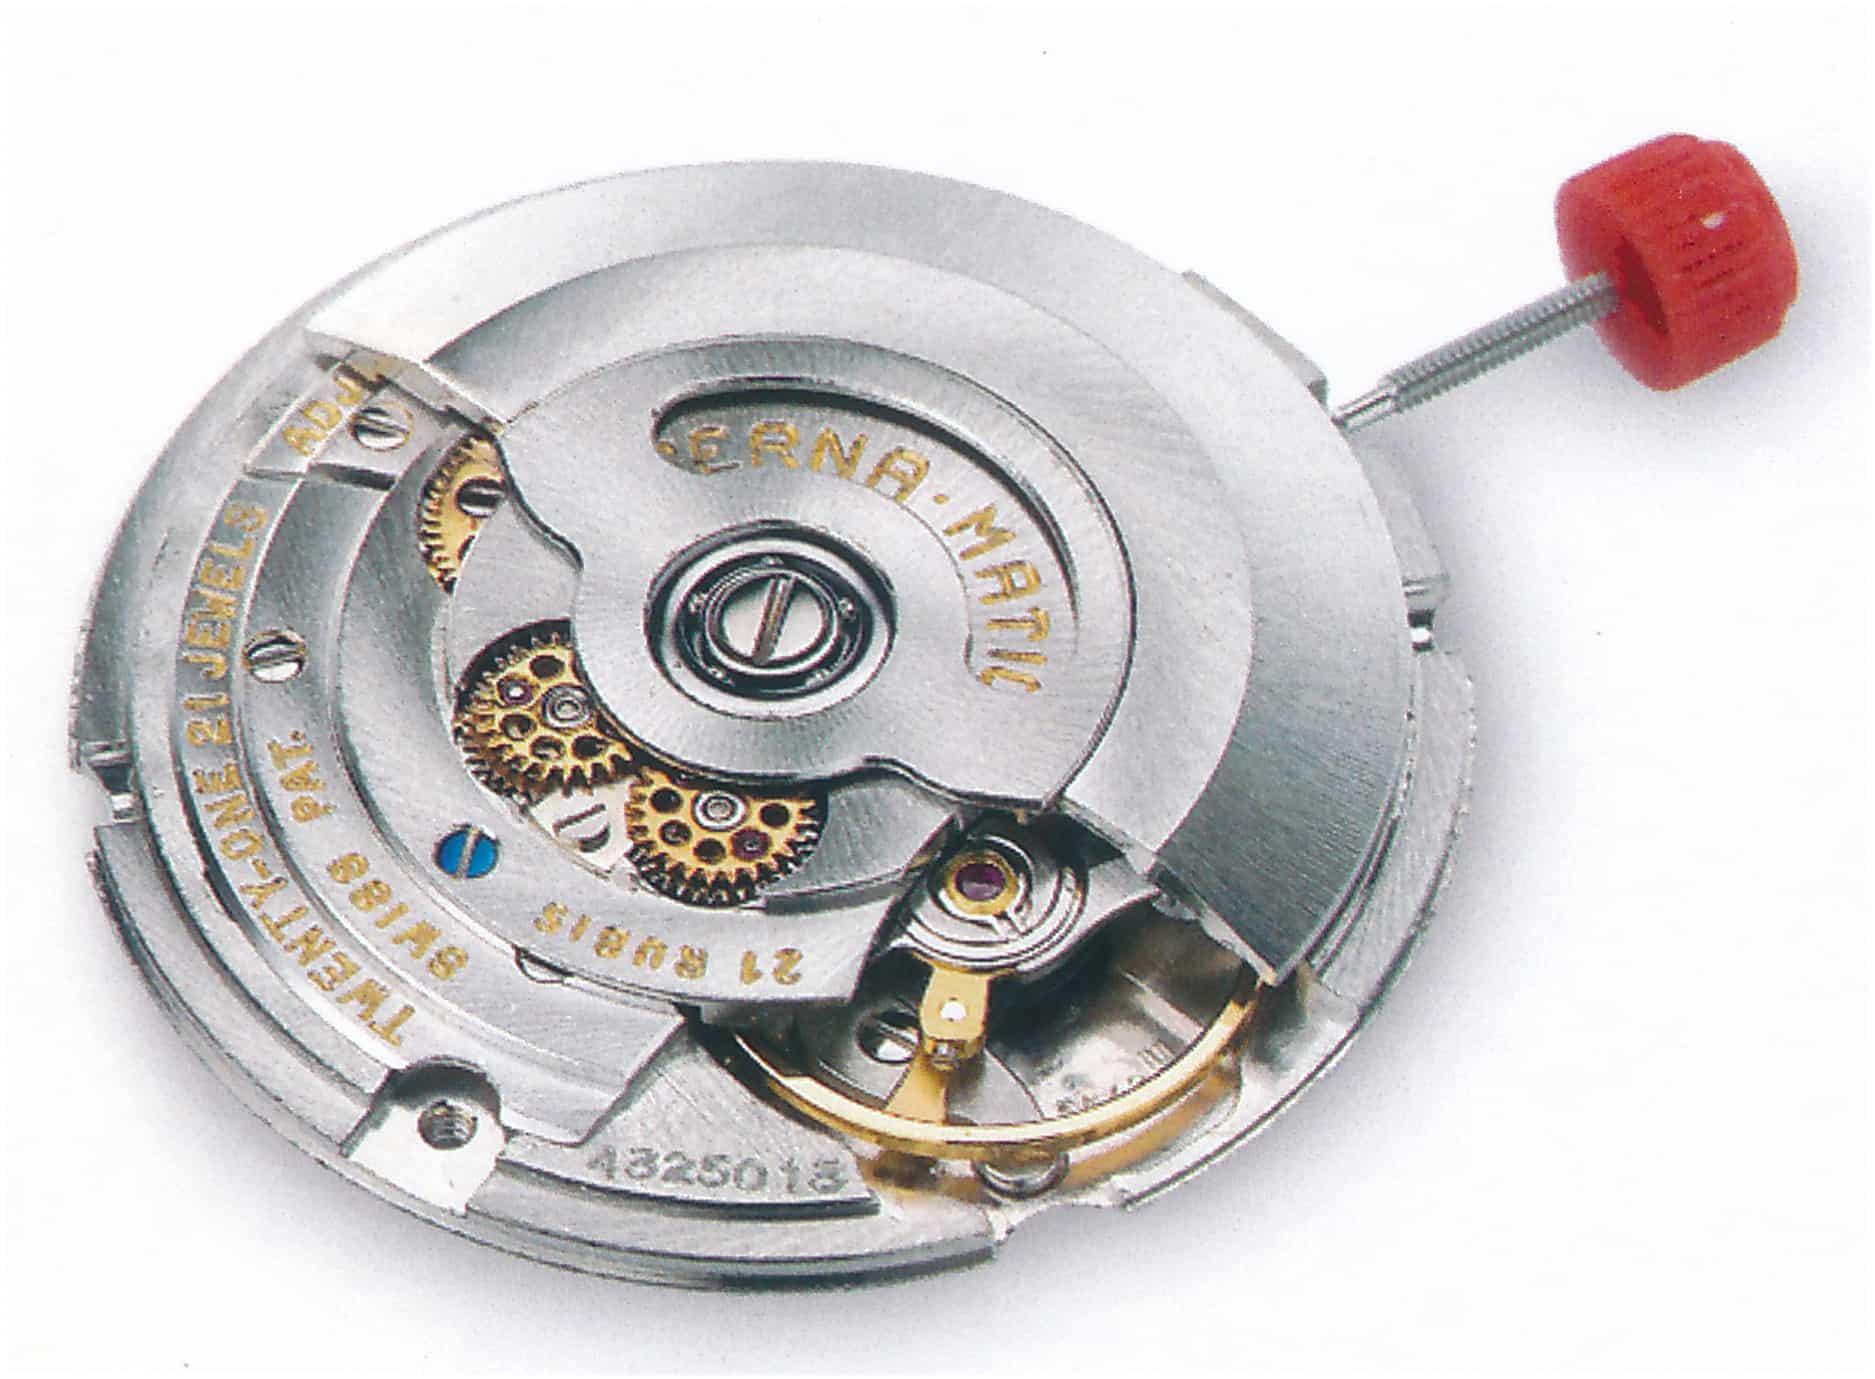 Das Automatikkaliber Eterna 1438 wurde zum ultraflachen Eterna Kaliber 1466U weiterentwickelt